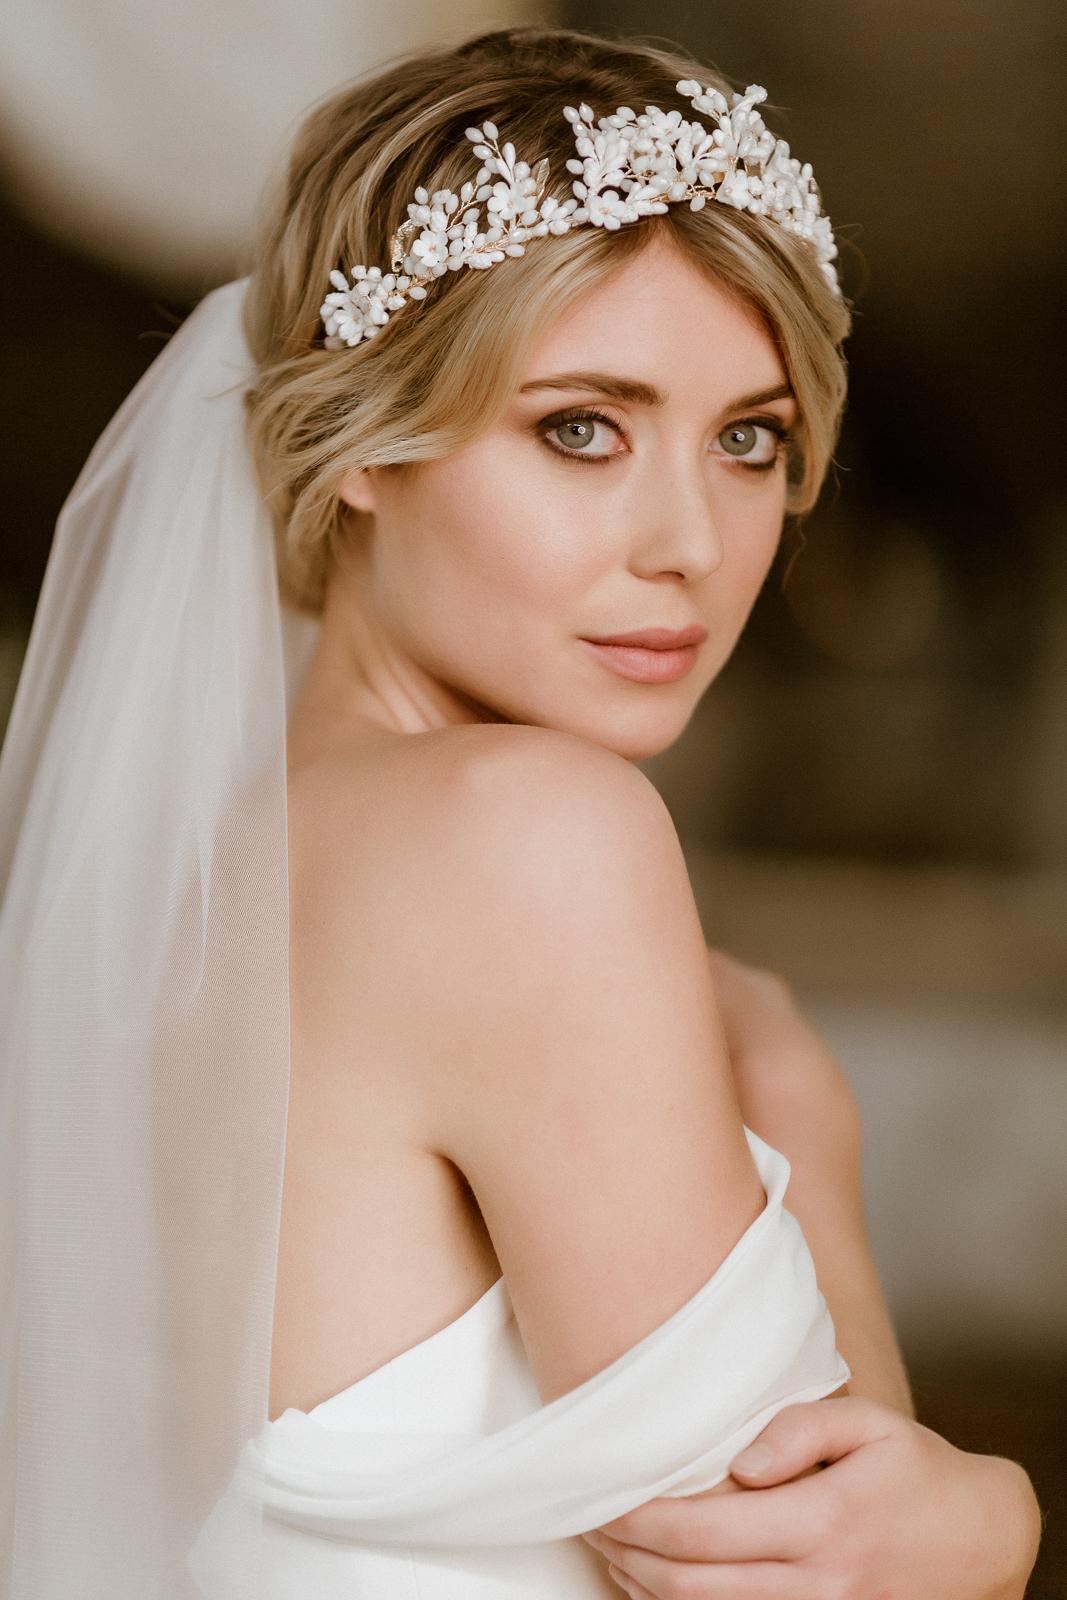 Schulterfreies Vokuhila-Brautkleid mit Corsage und Brautrock, Halb-Profil